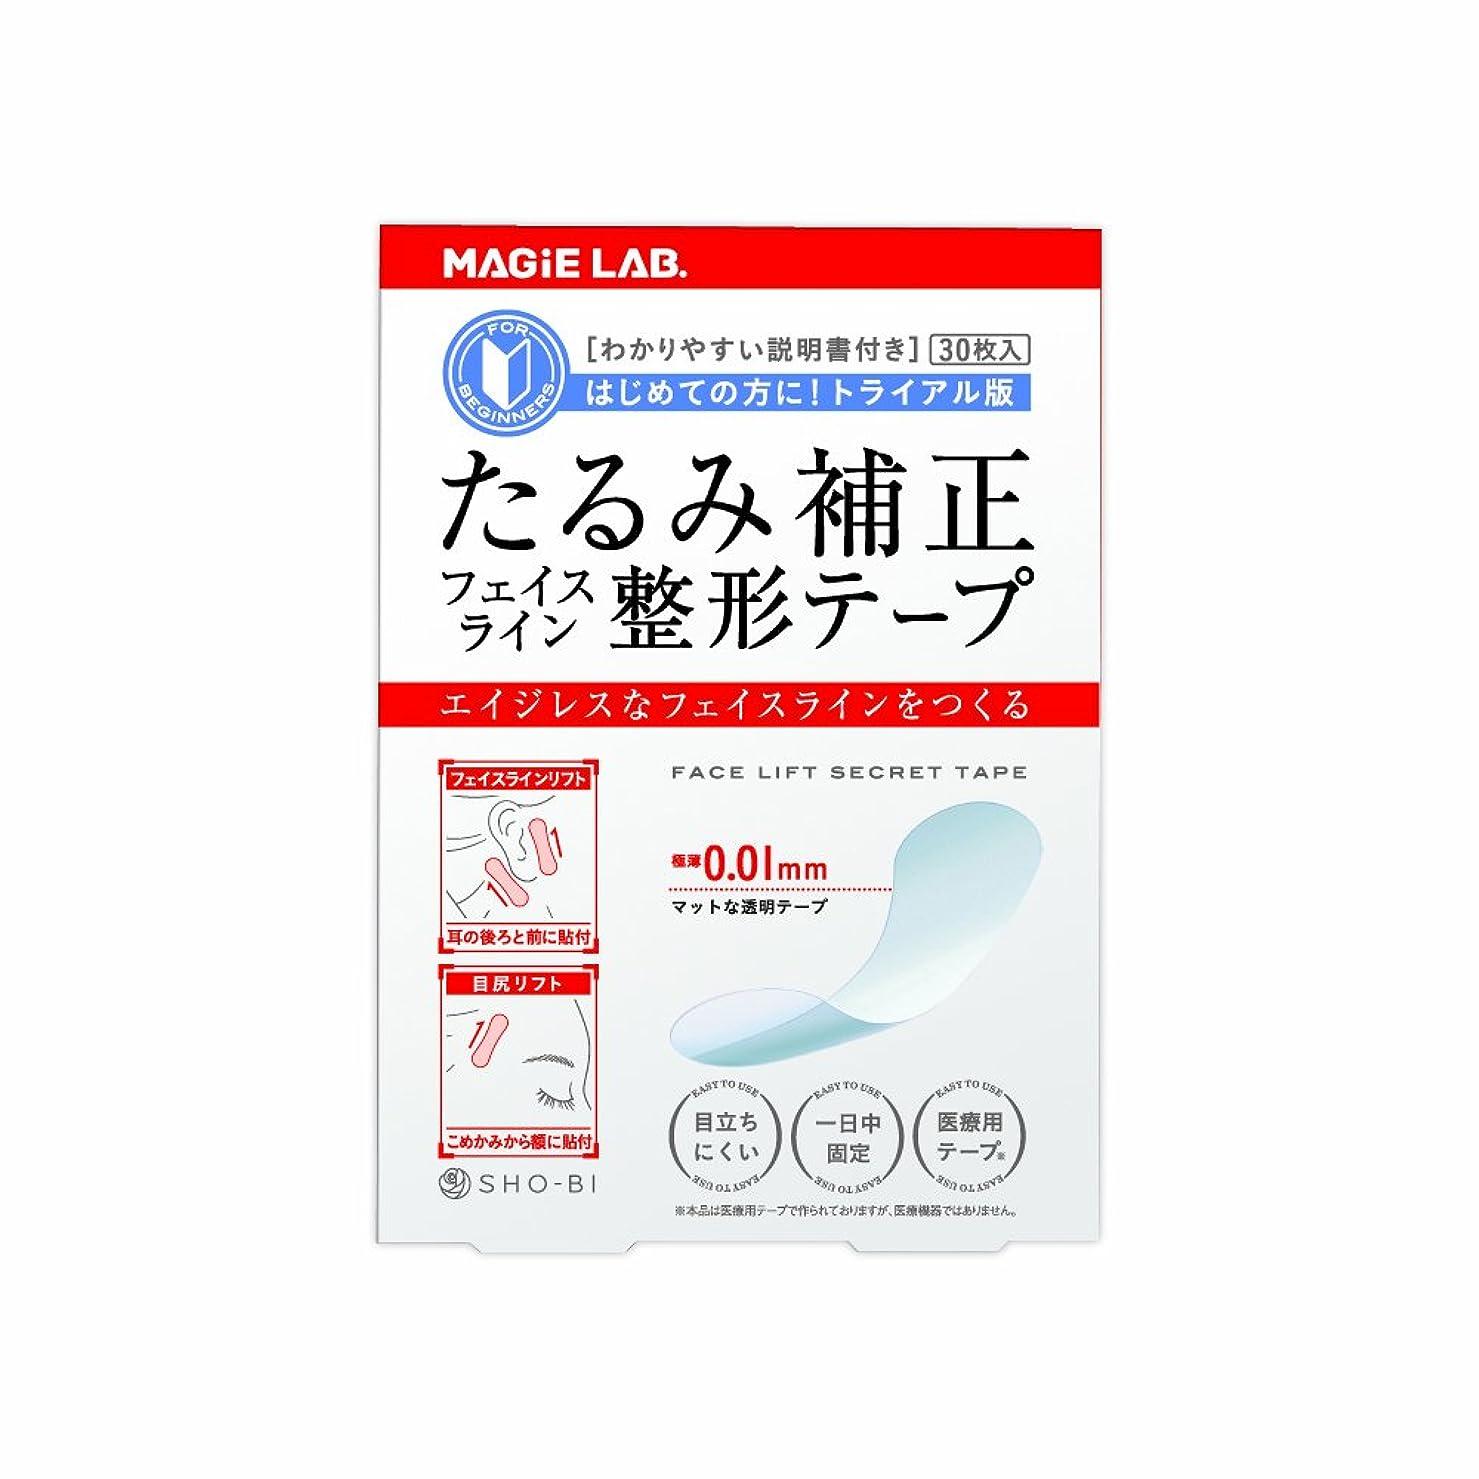 泣き叫ぶ金額気になるフェイスライン 整形テープ トライアル版 30枚入 ( MG22106 ) マジラボ MAGiE LAB.